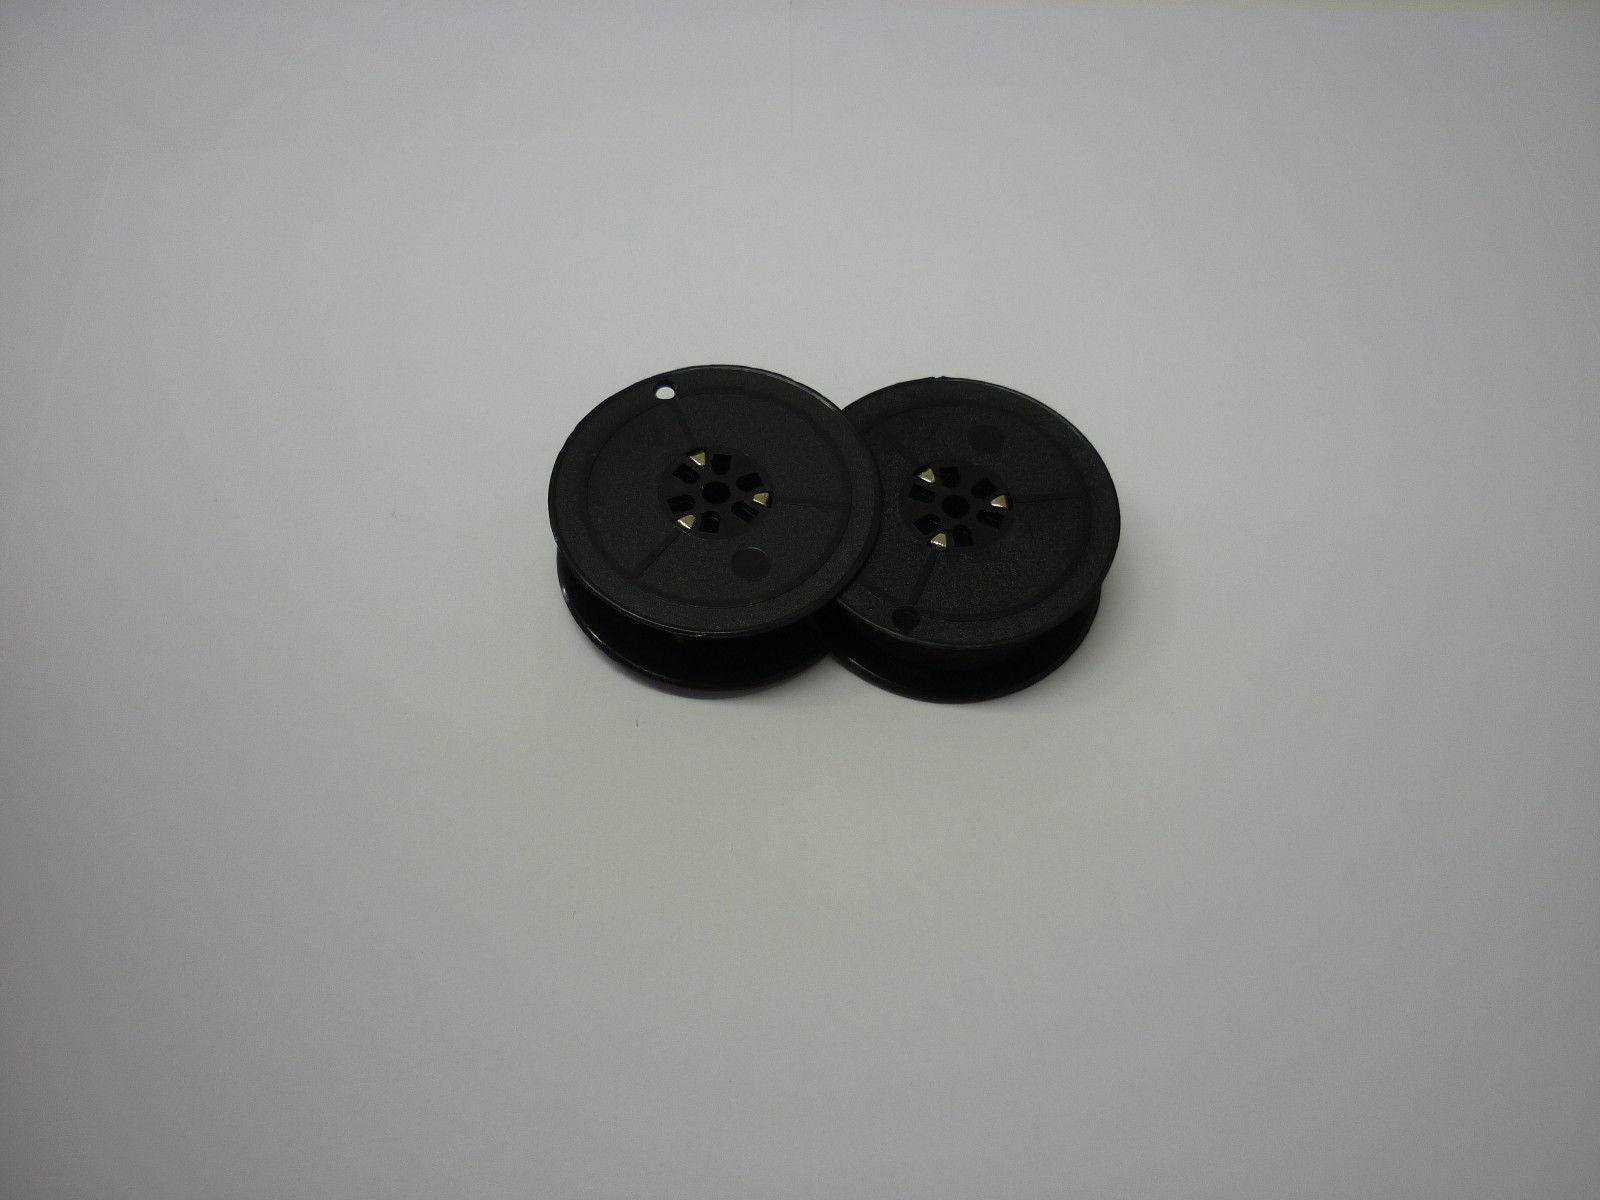 Royal Ultronic Typewriter Ribbon Black Twin Spool